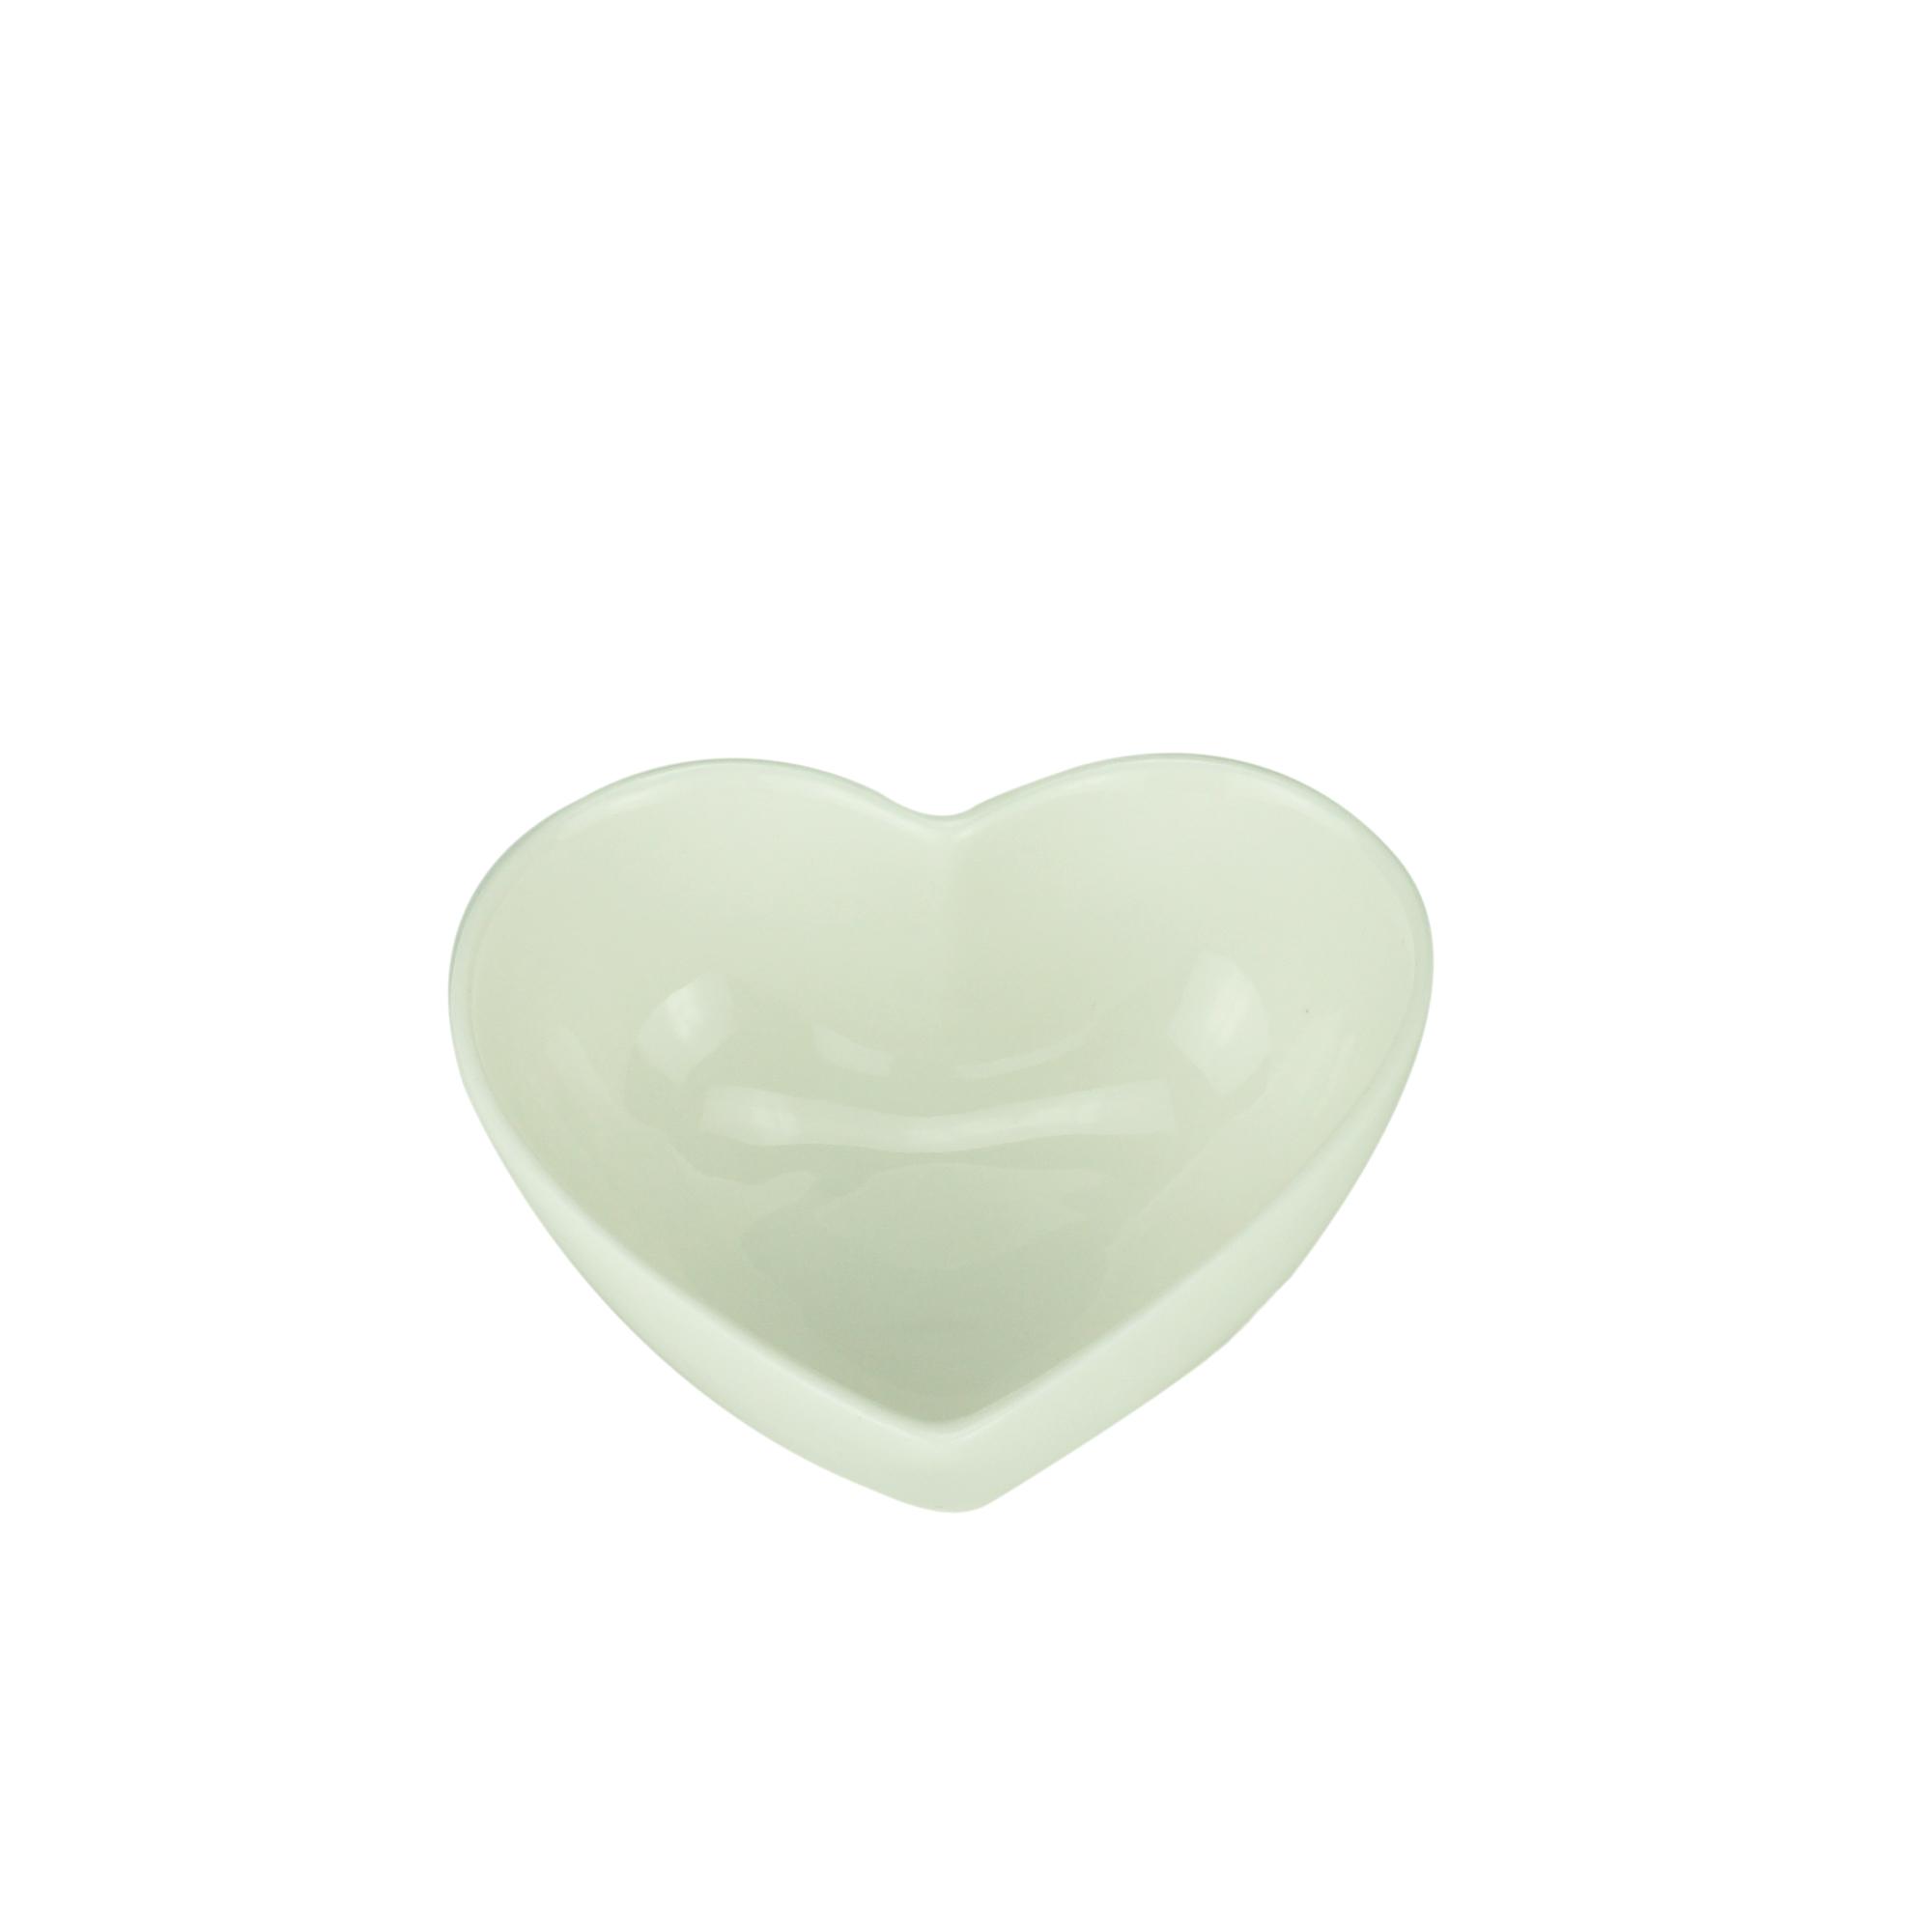 Porta anéis basics heart